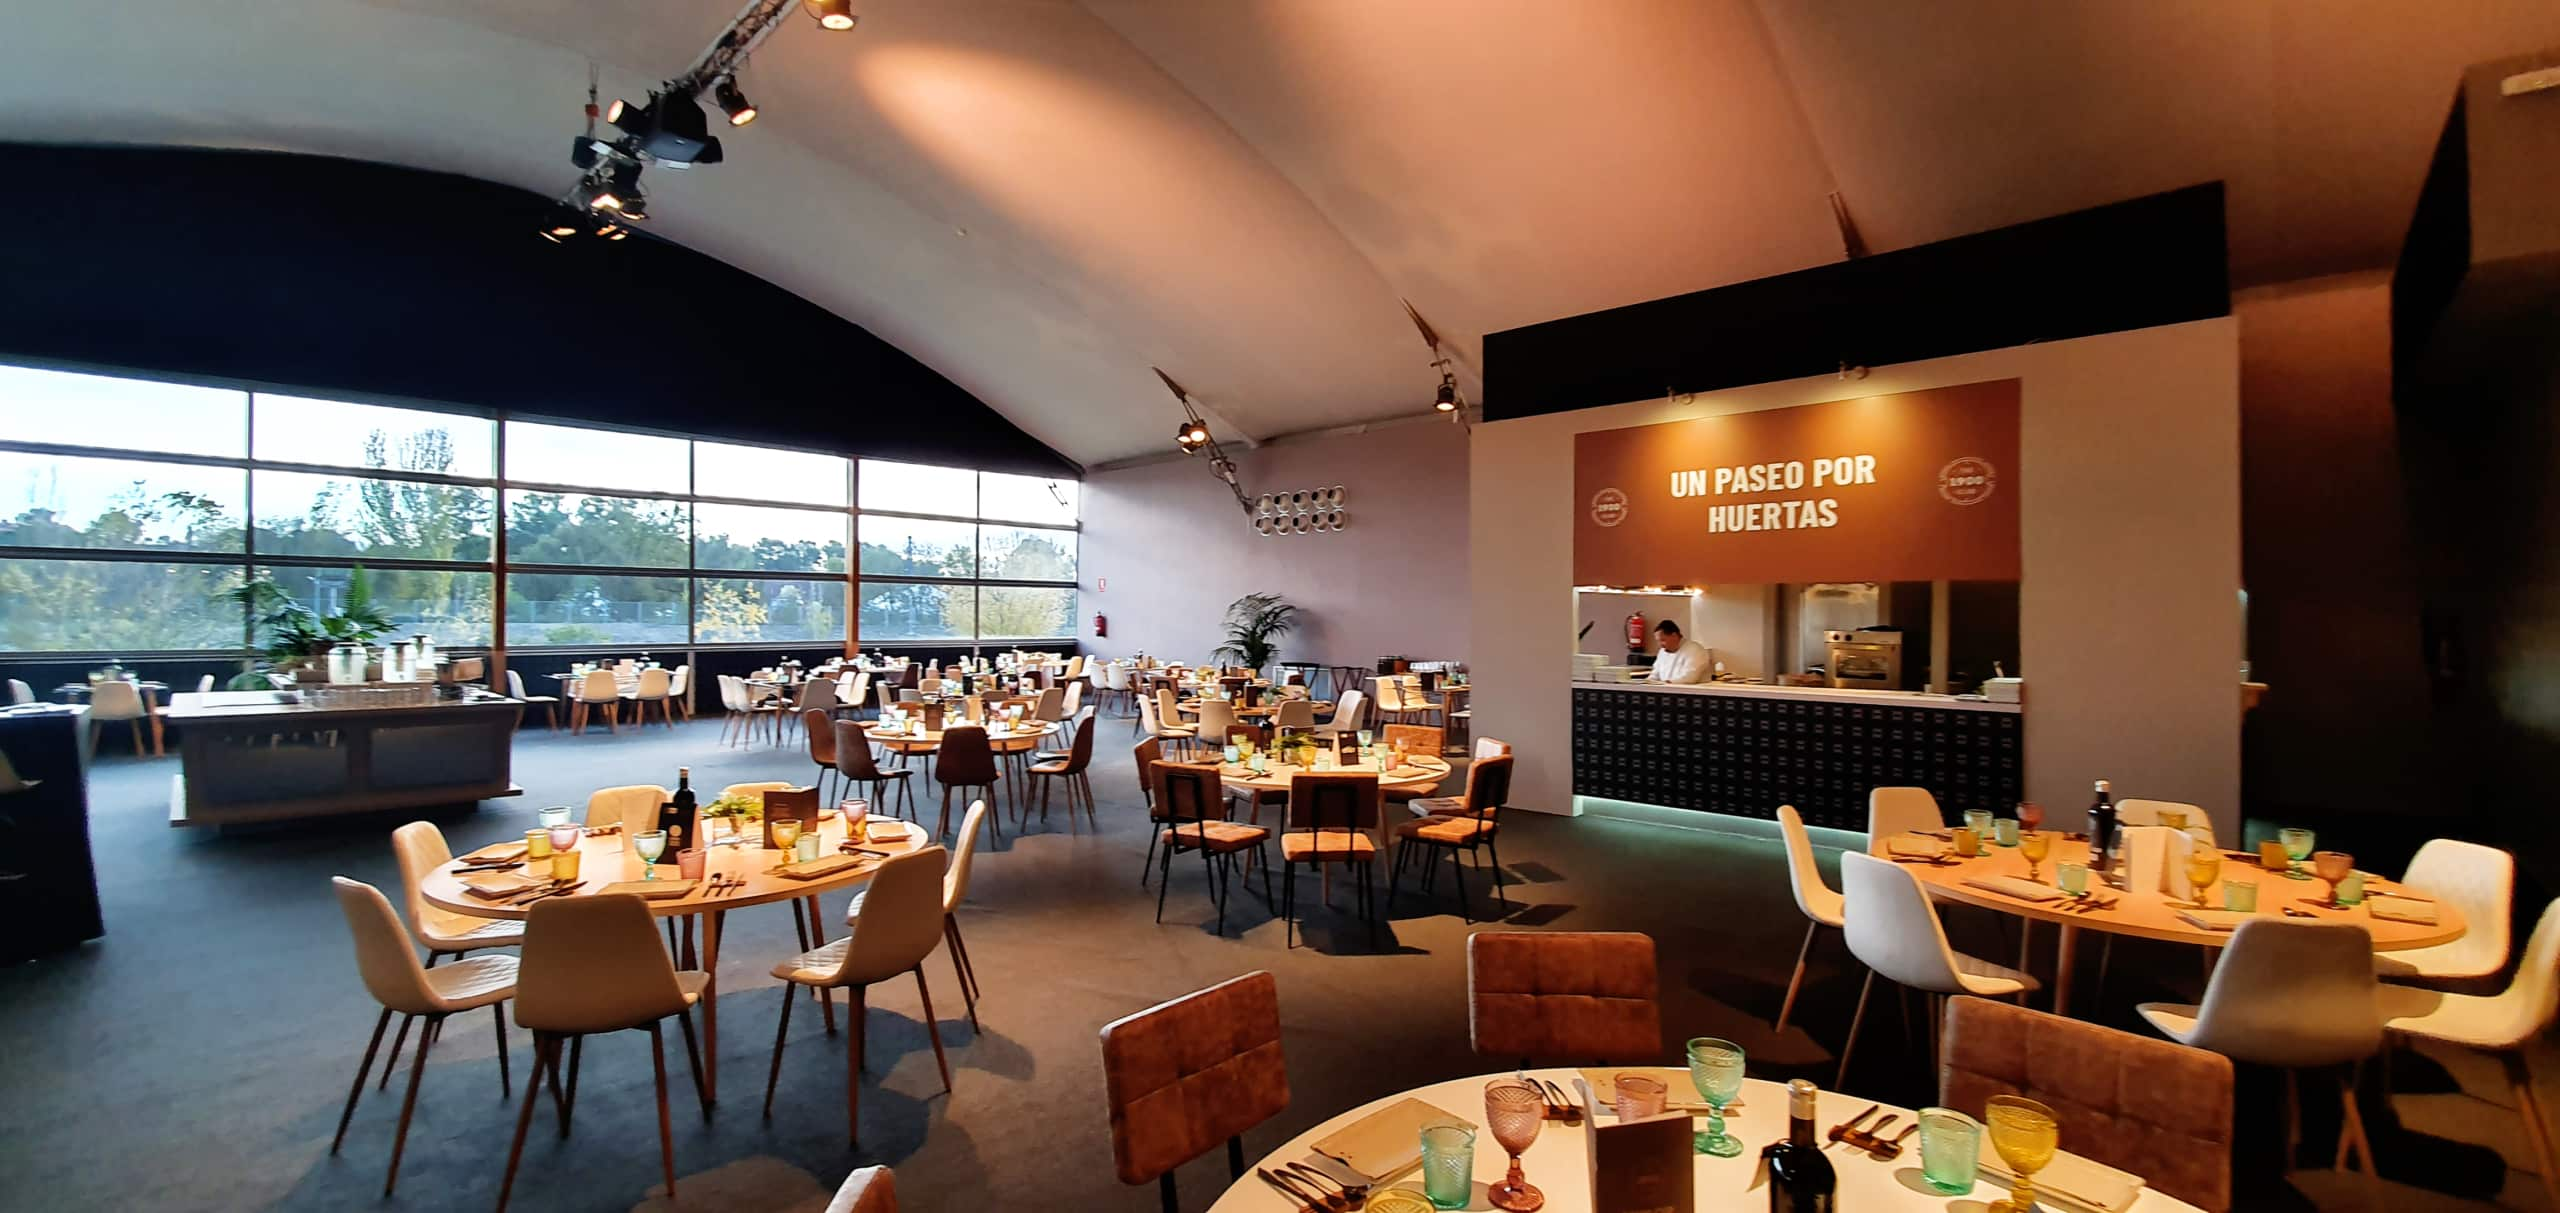 Adecuación de espacios para eventos:concepto y diseño. Montaje VIP Village. Proyecto realizado para Davis Cup Madrid Finals.